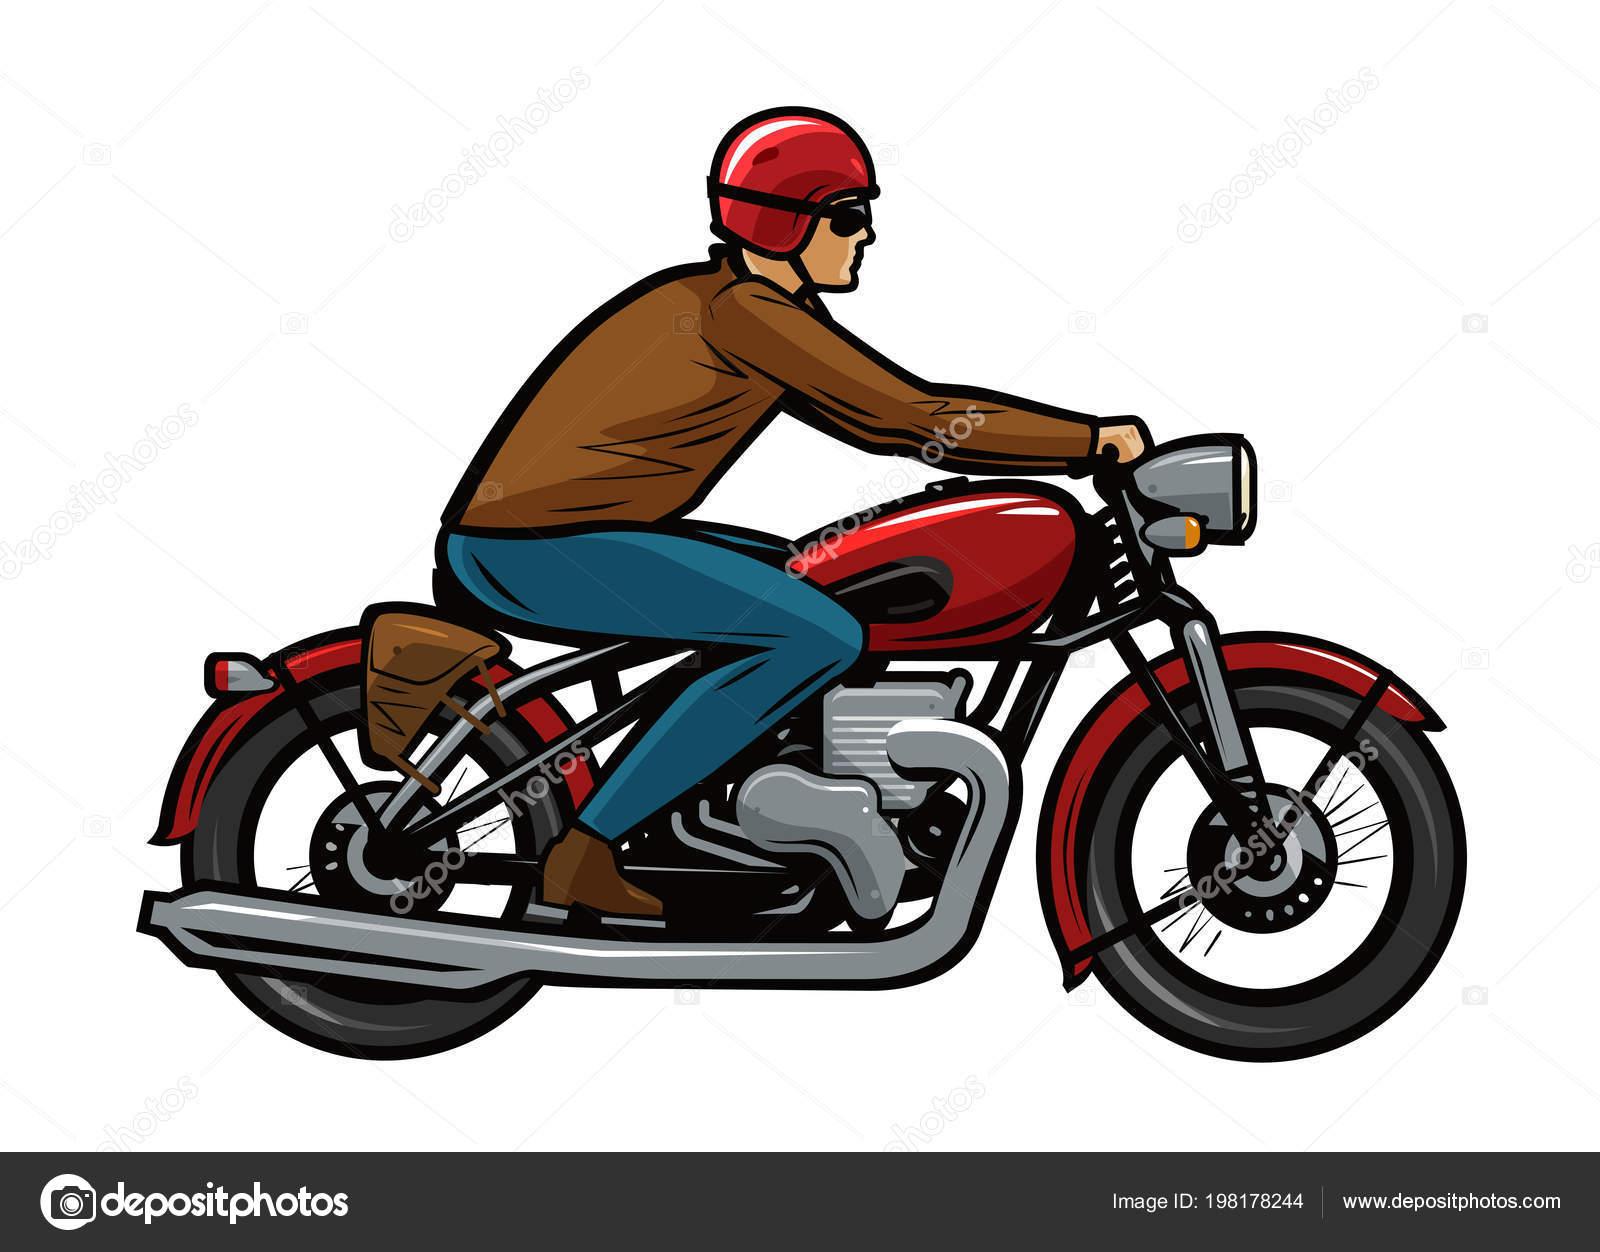 Motorista montando una motocicleta ilustraci n vectorial - Dessin de motard ...